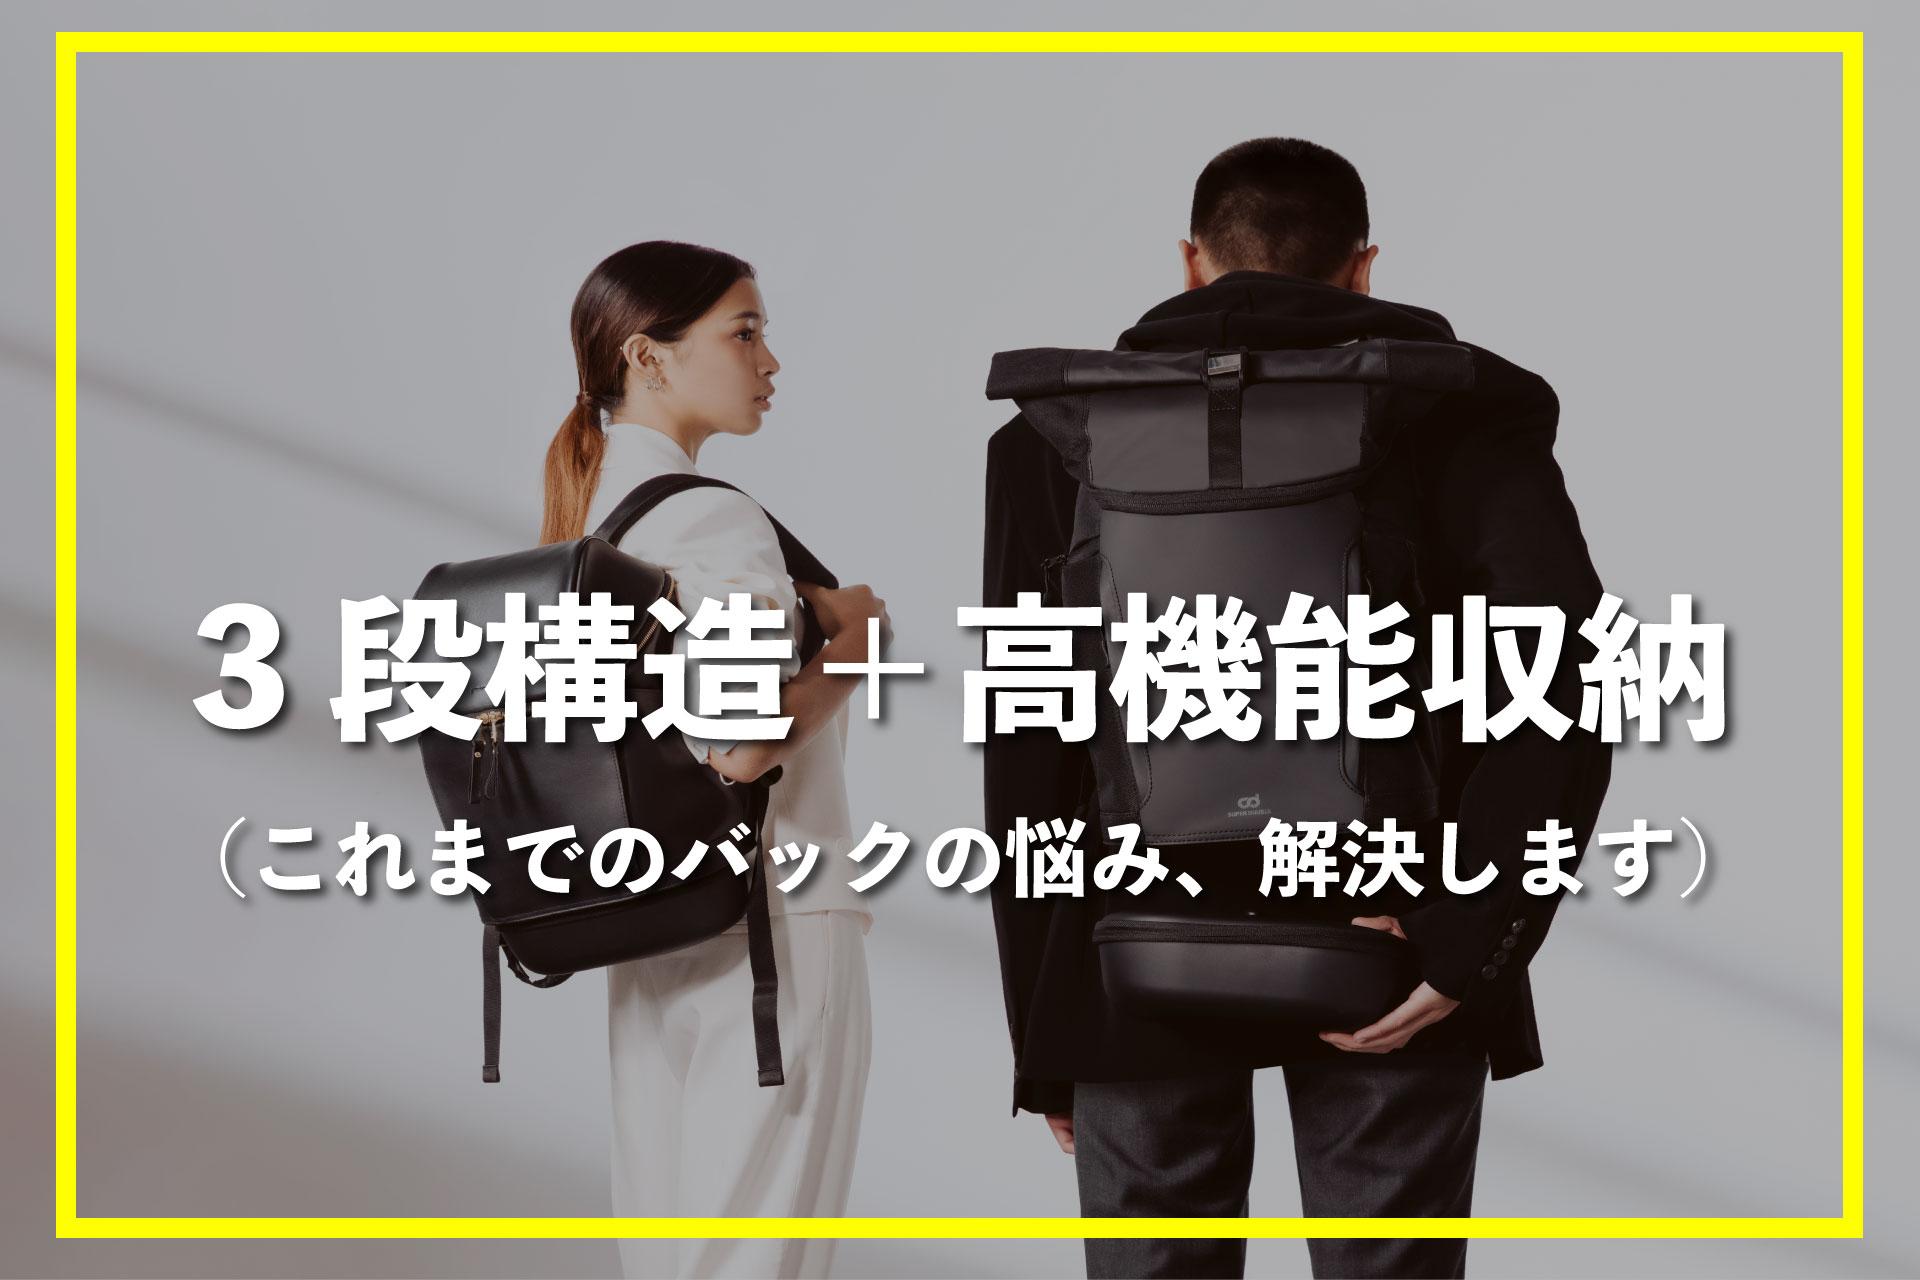 【必読】掟破りのバックパックSUPER DOUBLE!仕事と旅行で使いたいならコレ!